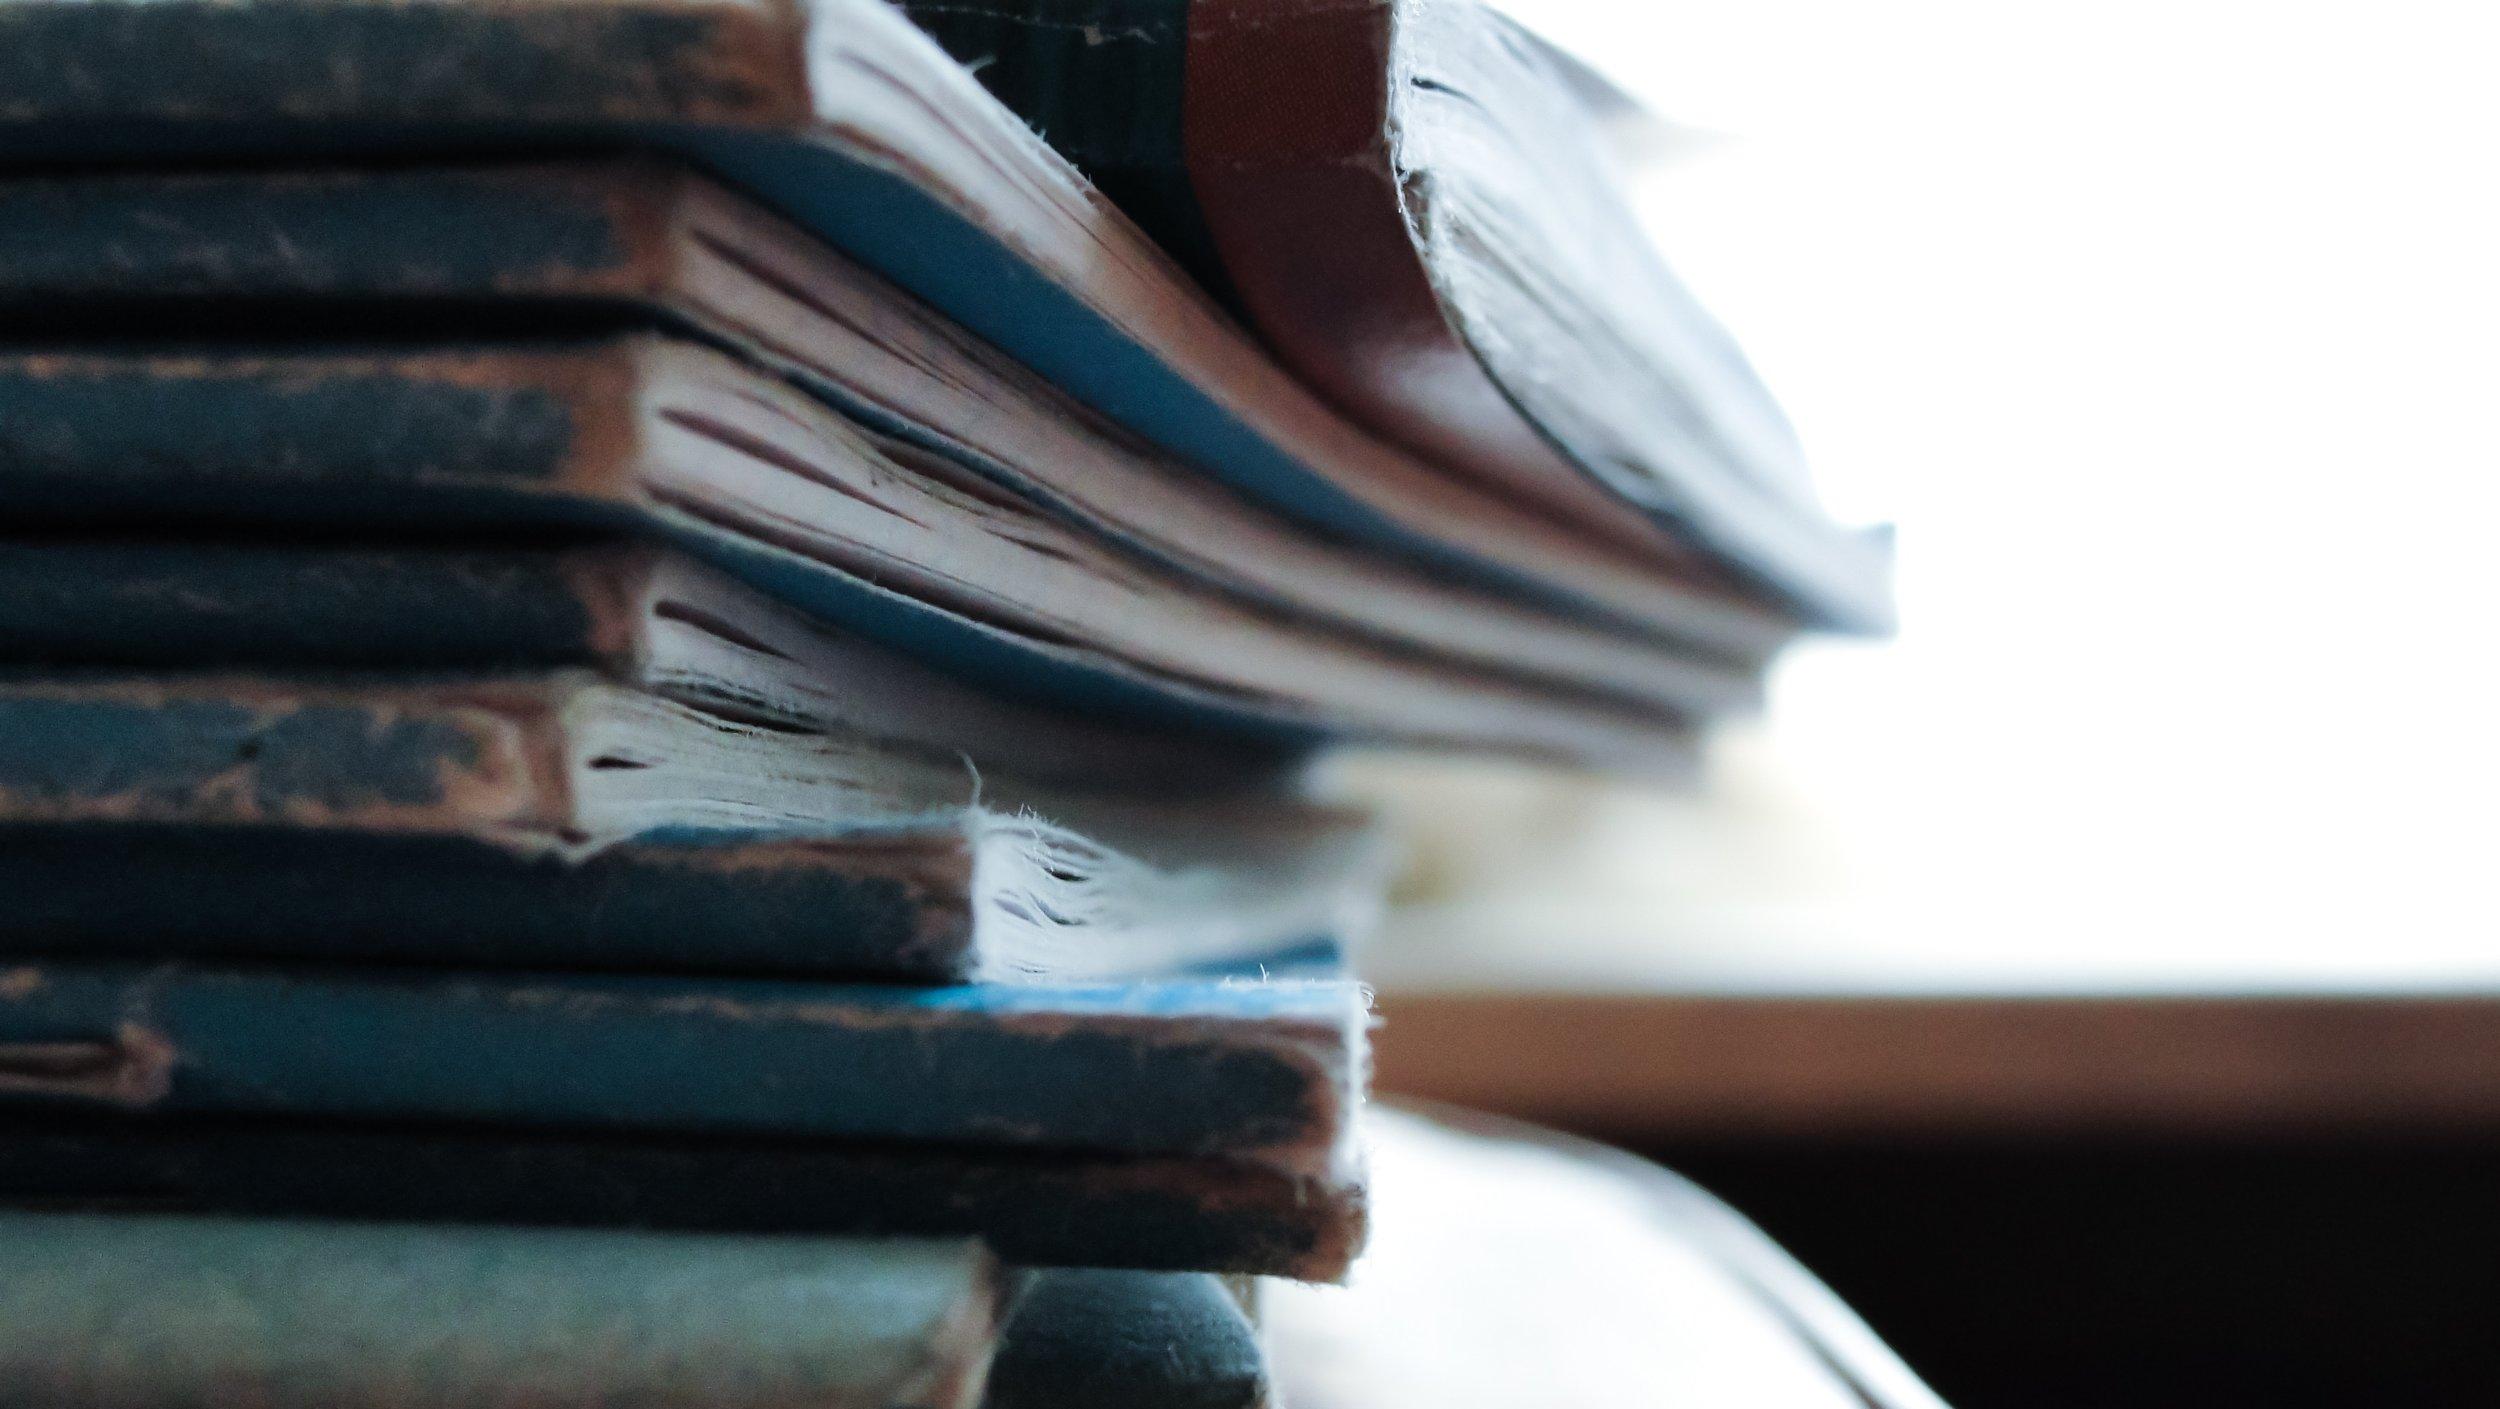 Homeschool Notebooking.jpg